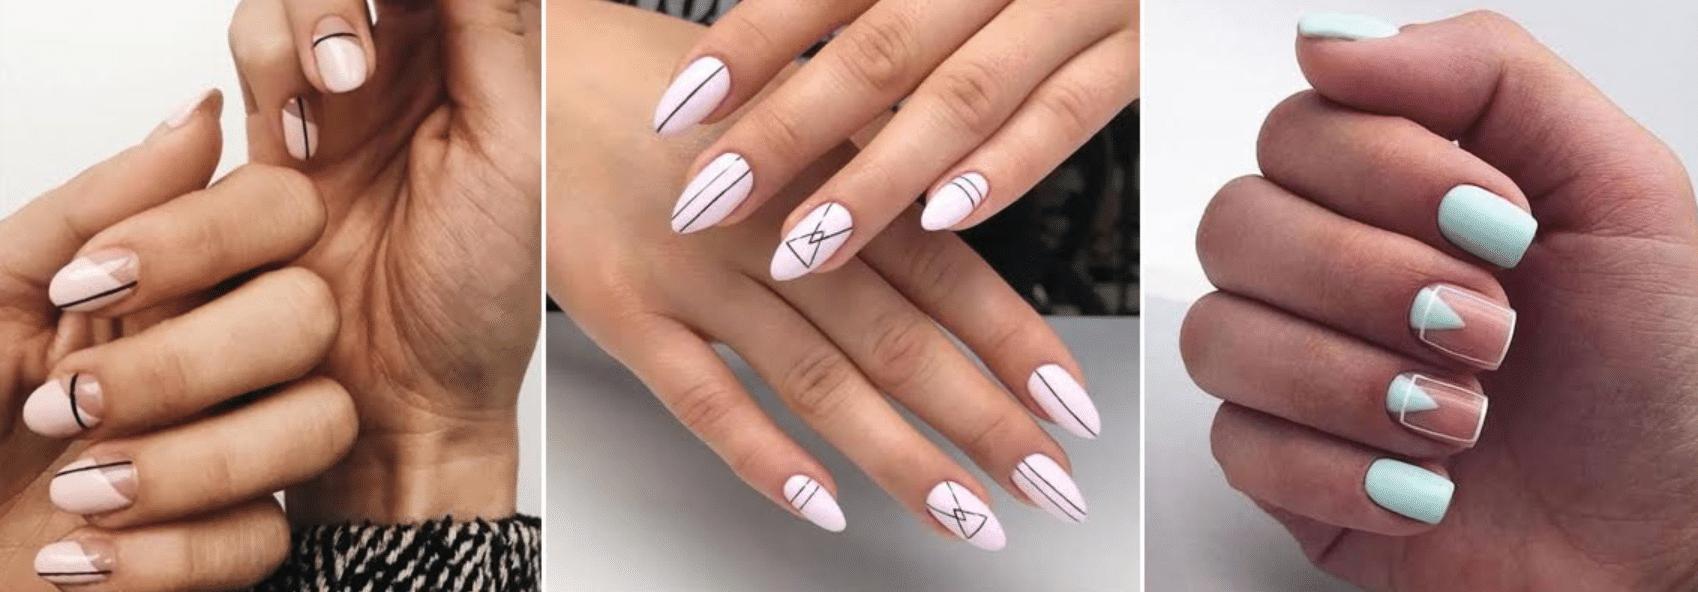 imagem de mão com unhas decoradas com desenhos geométricos